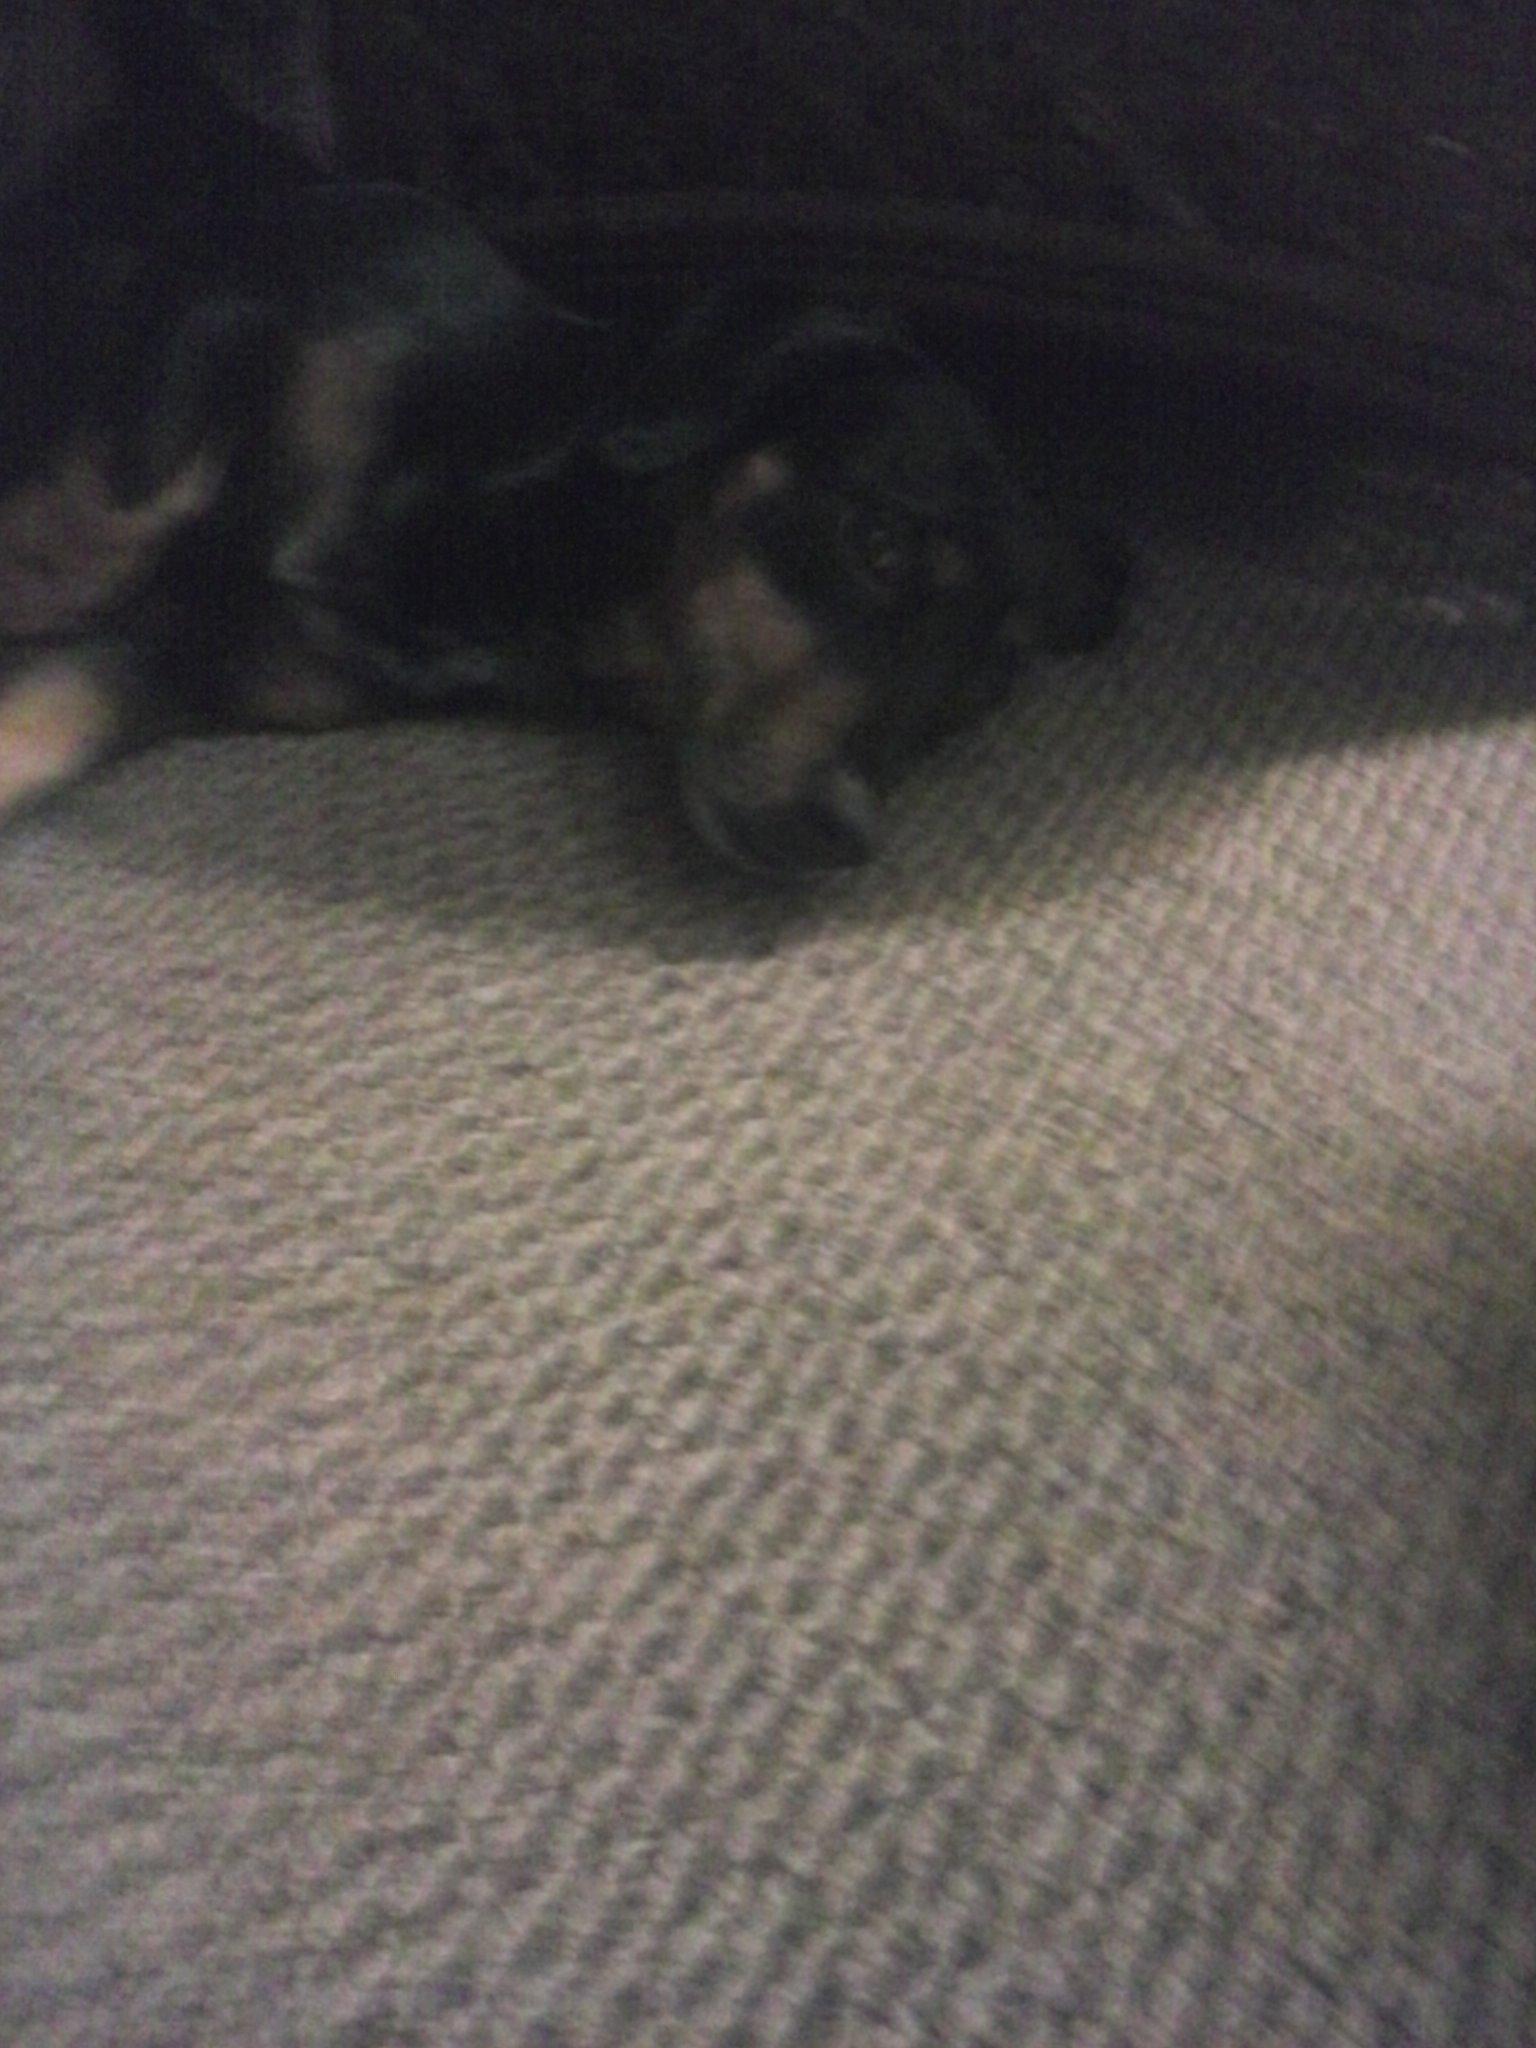 my dog dachshund/rottweiler